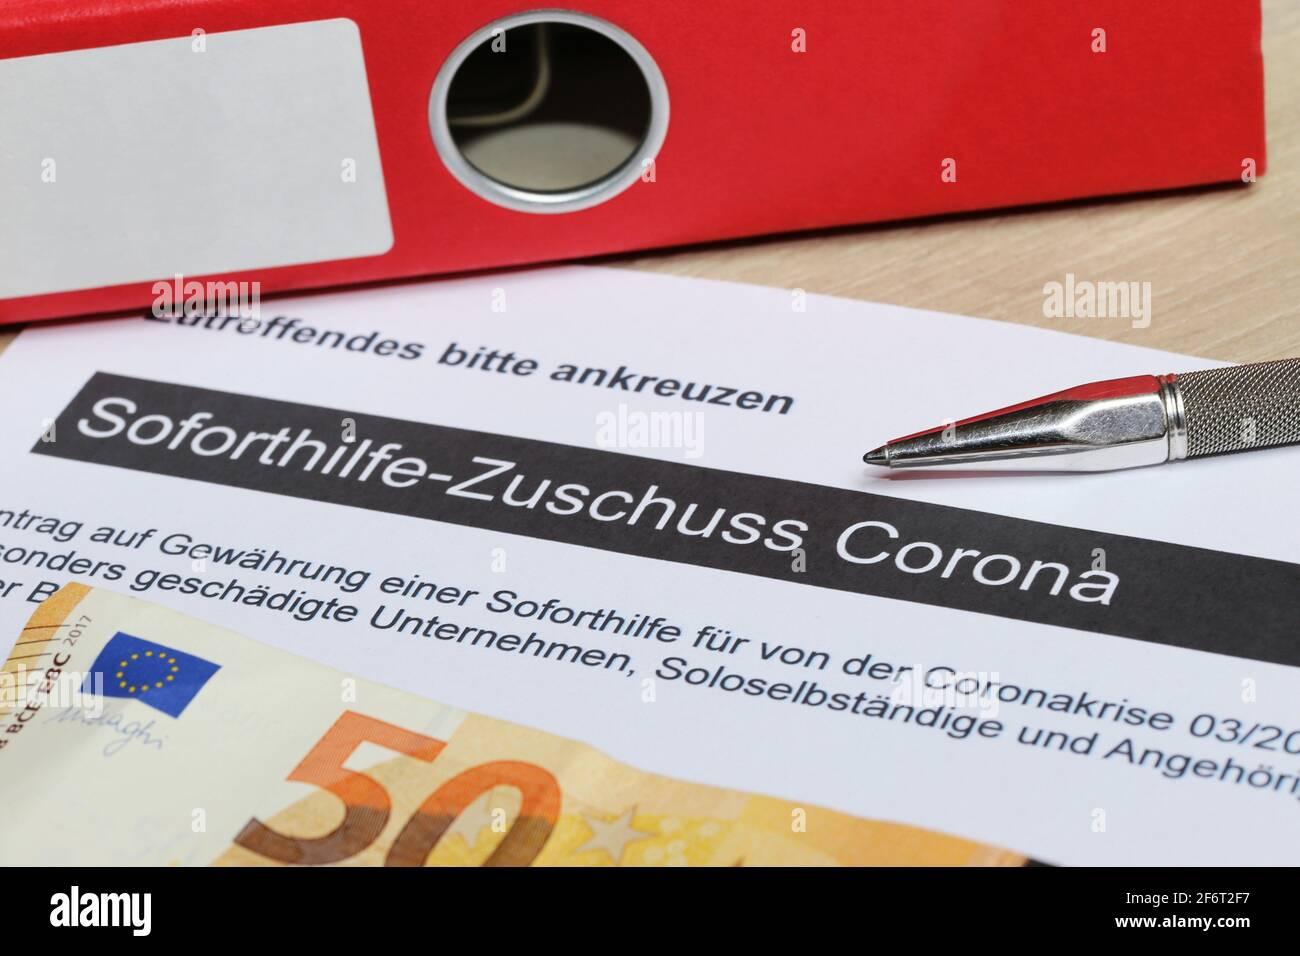 Image de symbole aide immédiate Corona en Allemagne (Sodirect-Zuschuss Corona). Banque D'Images